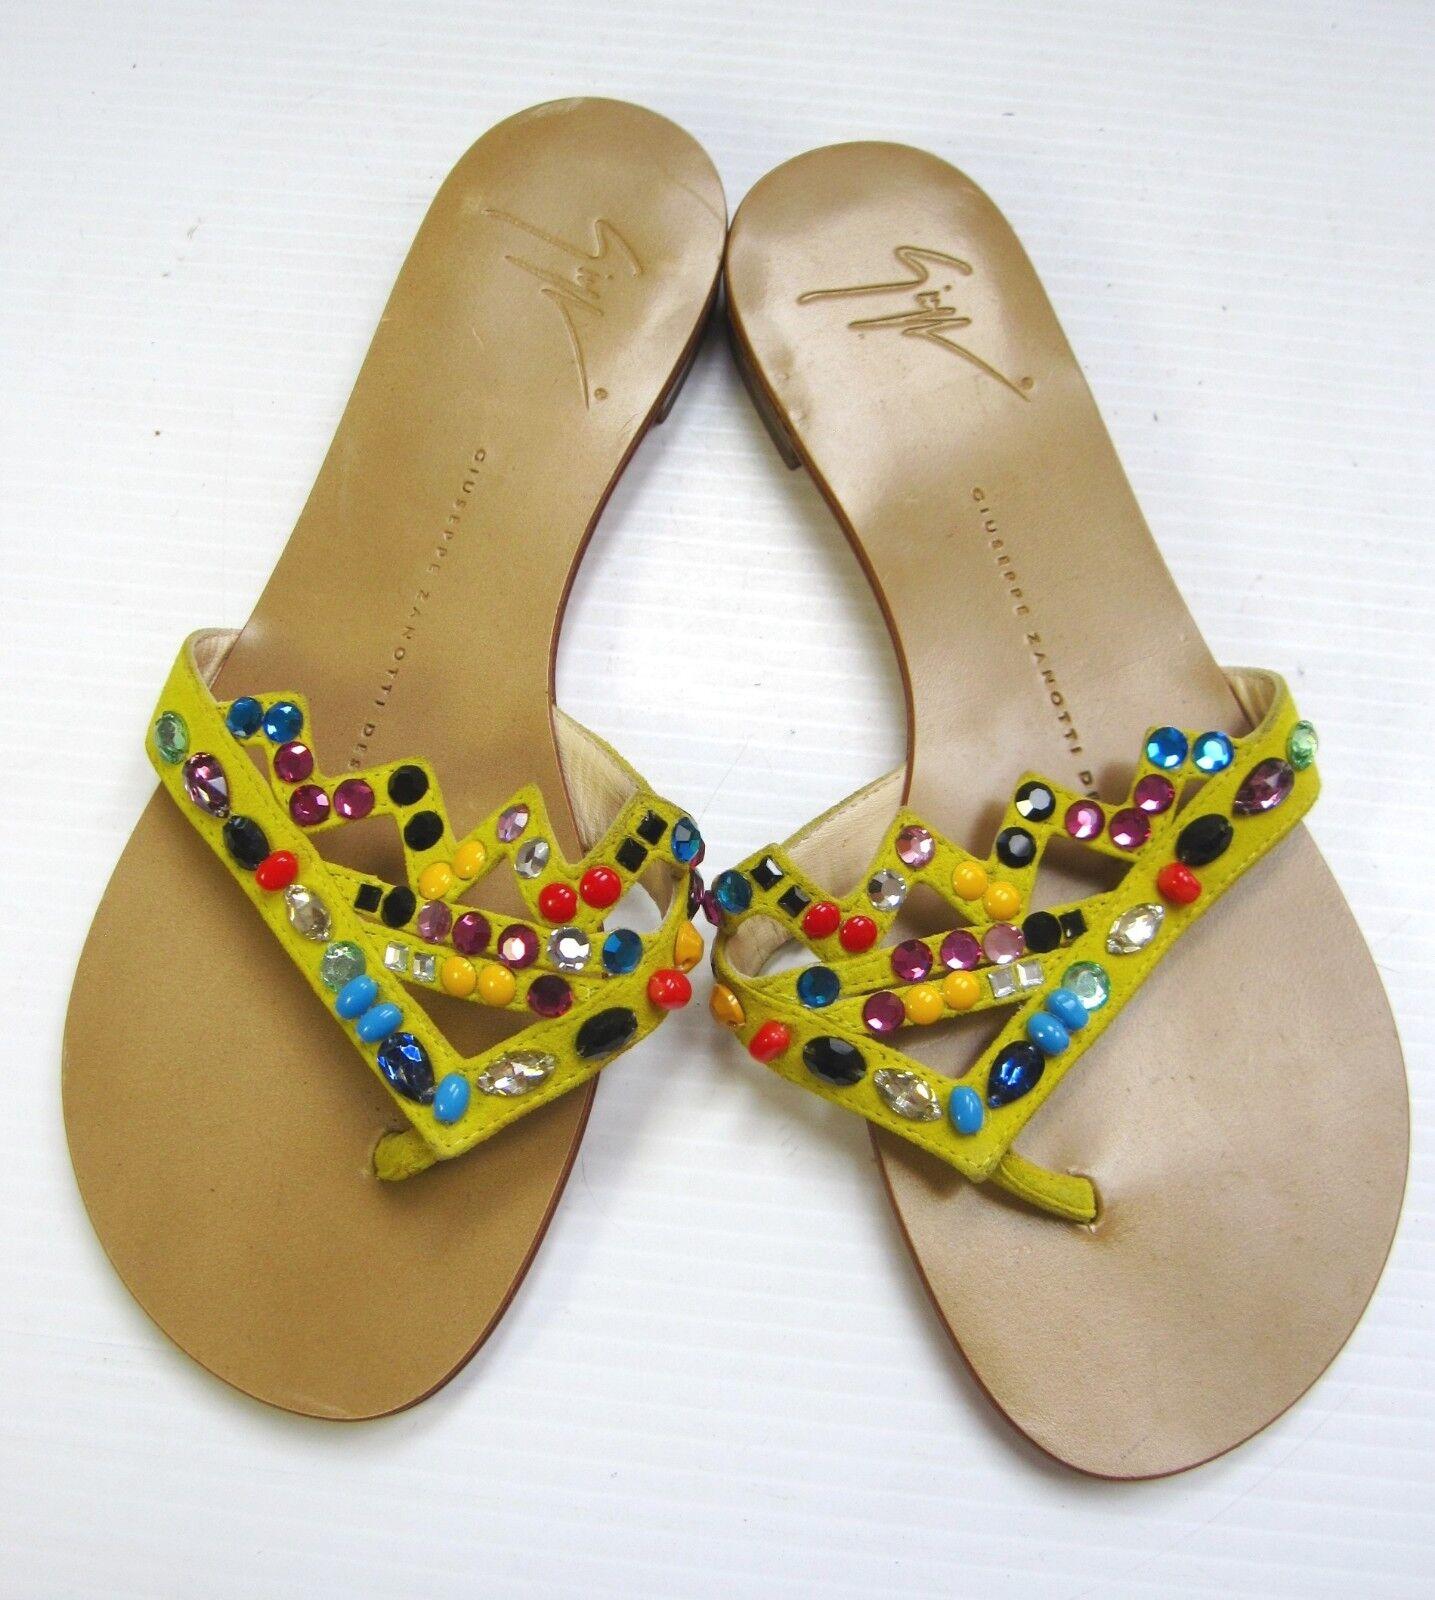 costo effettivo Giuseppe Zanotti Zanotti Zanotti Flat scarpe Dimensione 36 M Slip on giallo Coloreful Beads FLIP FLAP  offerta speciale